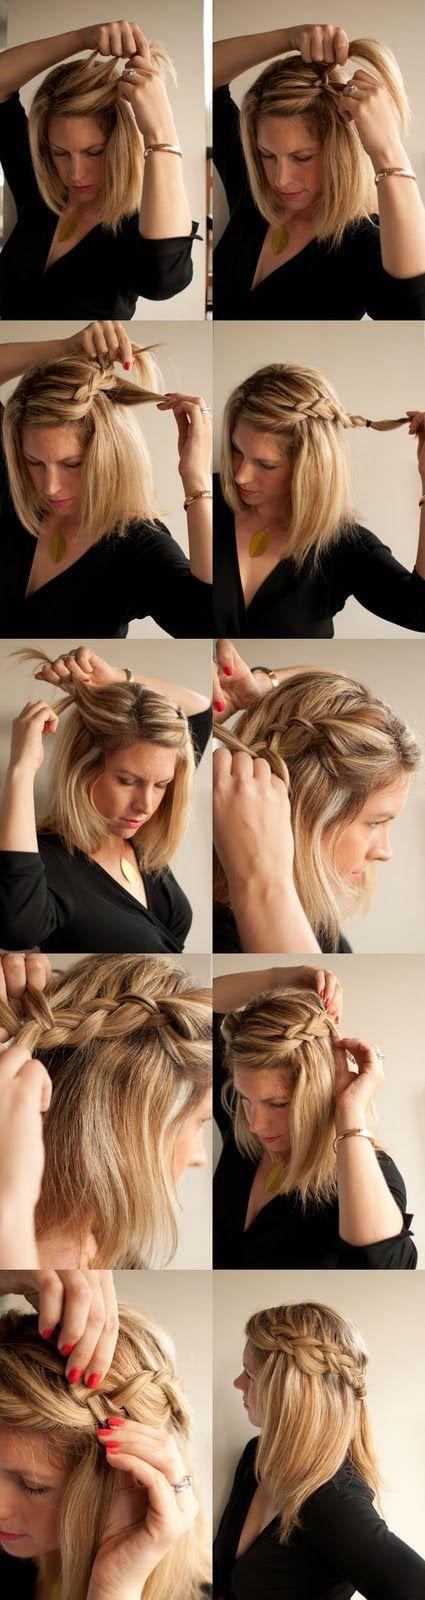 braided hair tutorial: